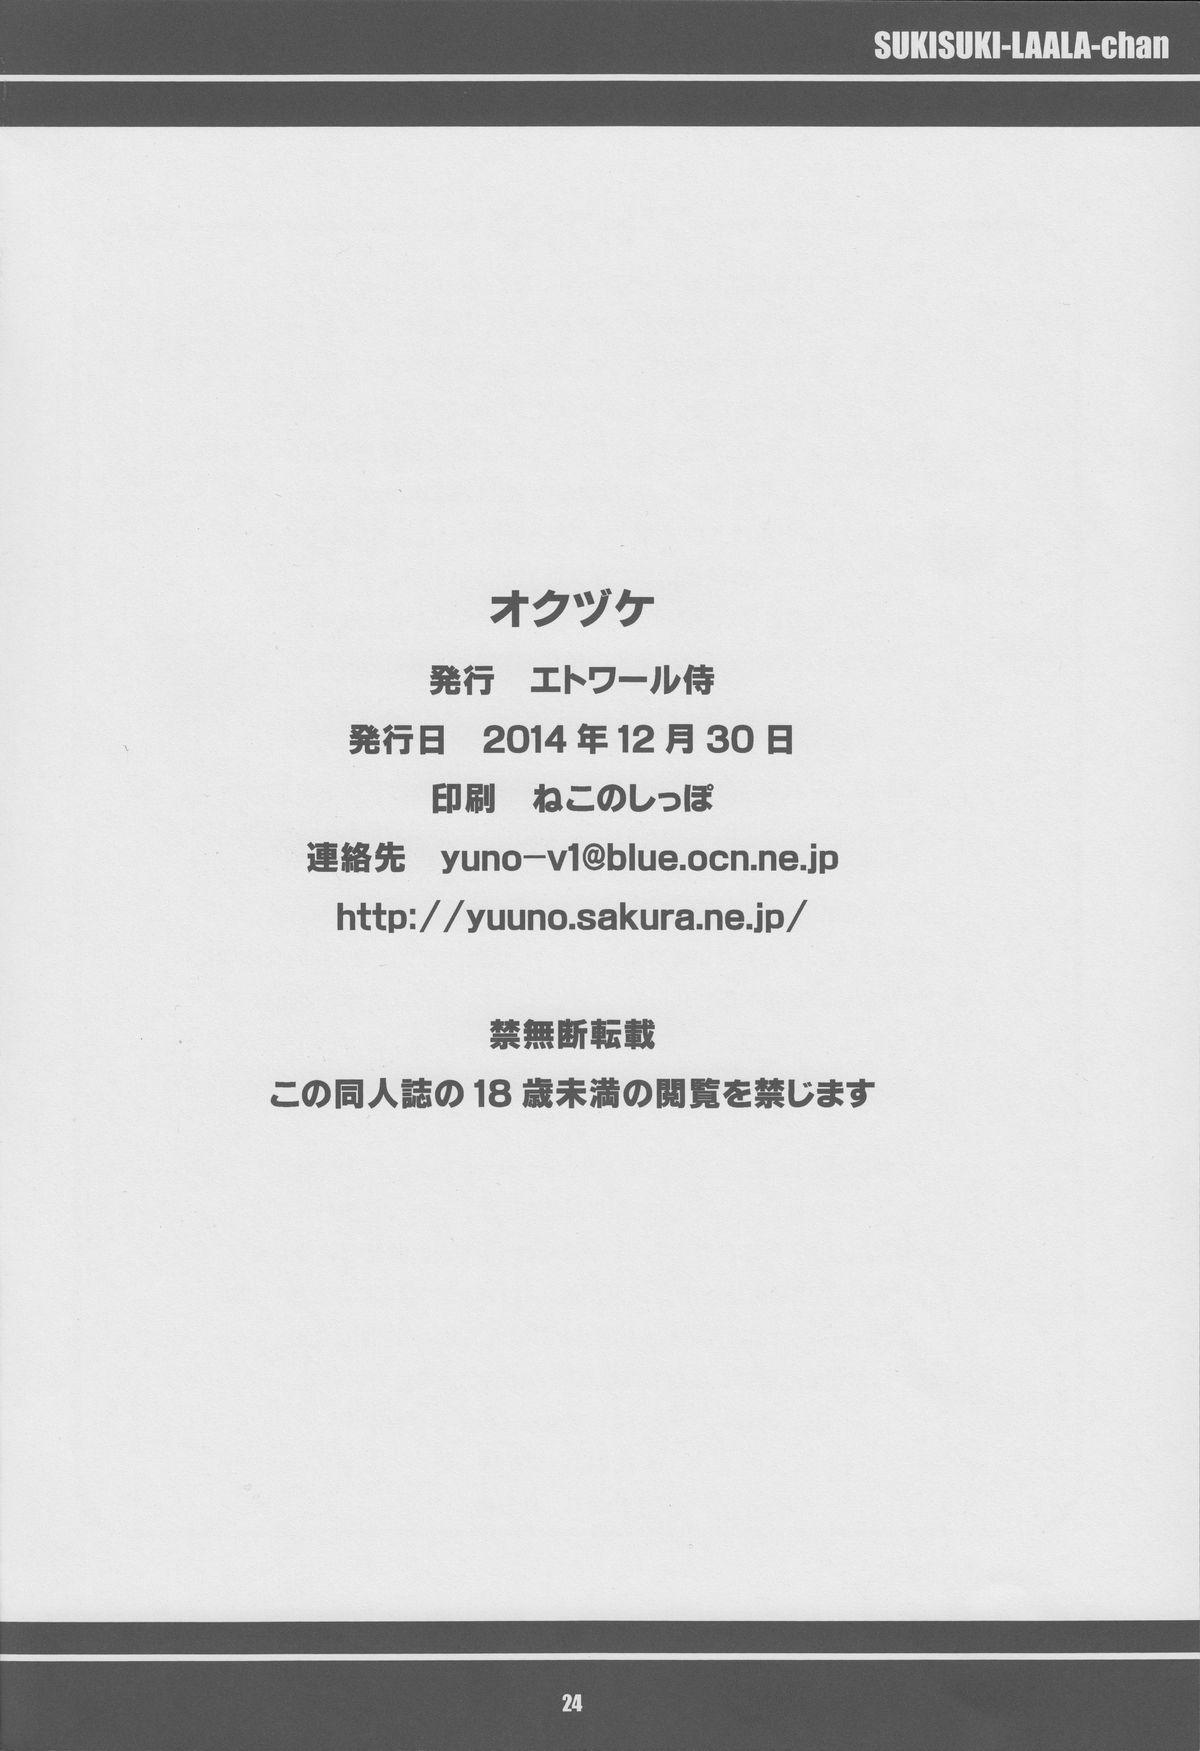 Suki Suki Laala-chan 24